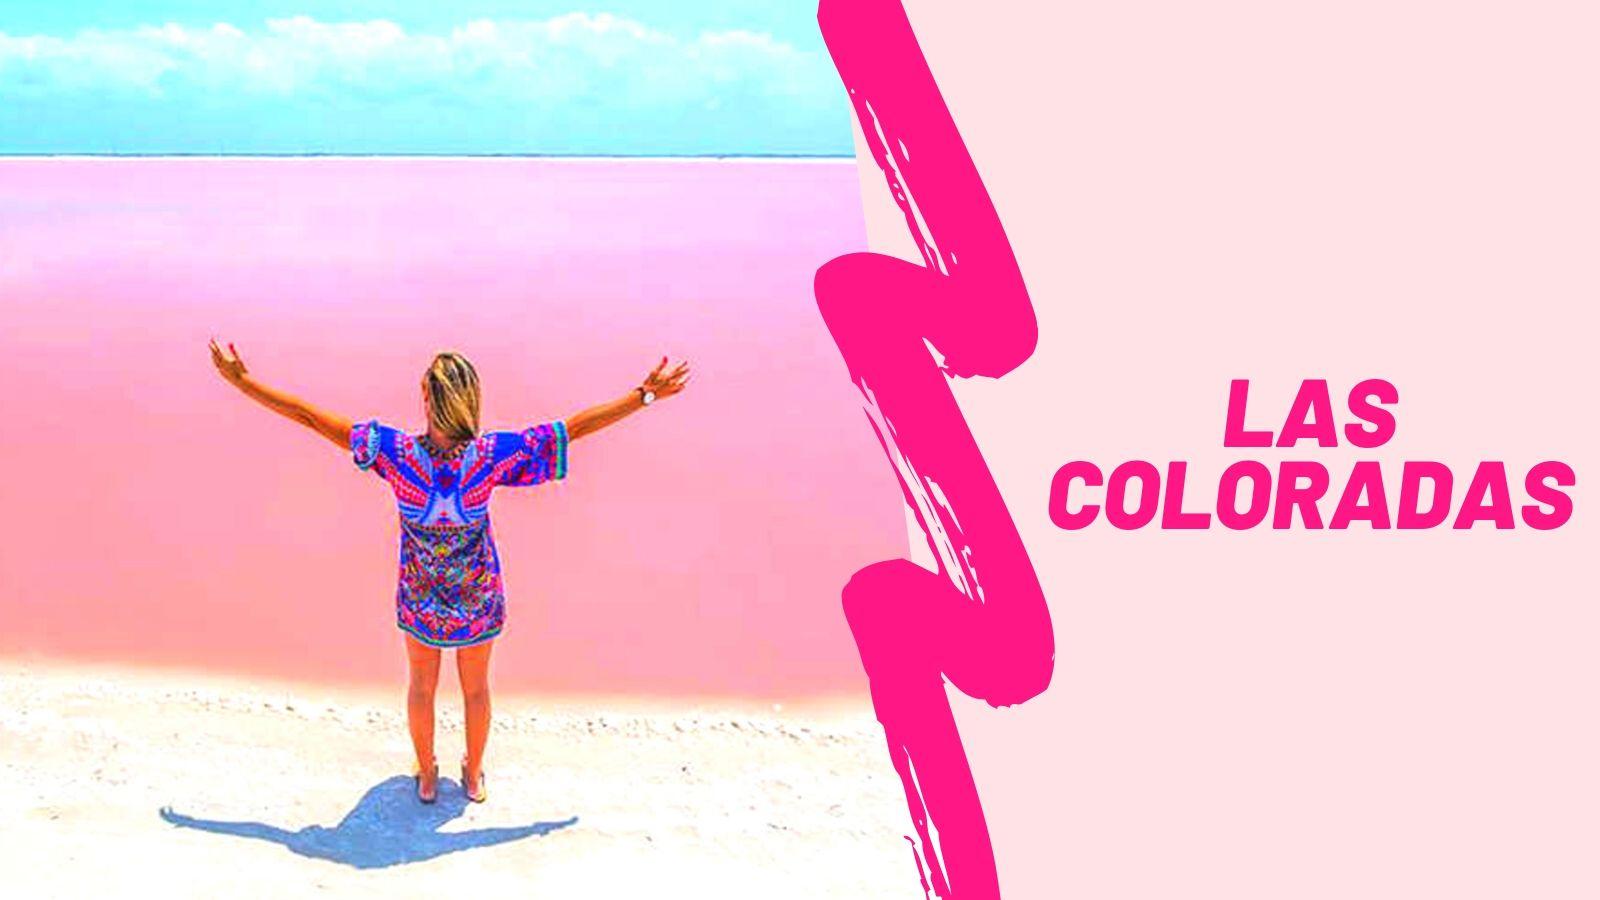 Las Coloradas desde Playa del Carmen (Económico)&IN